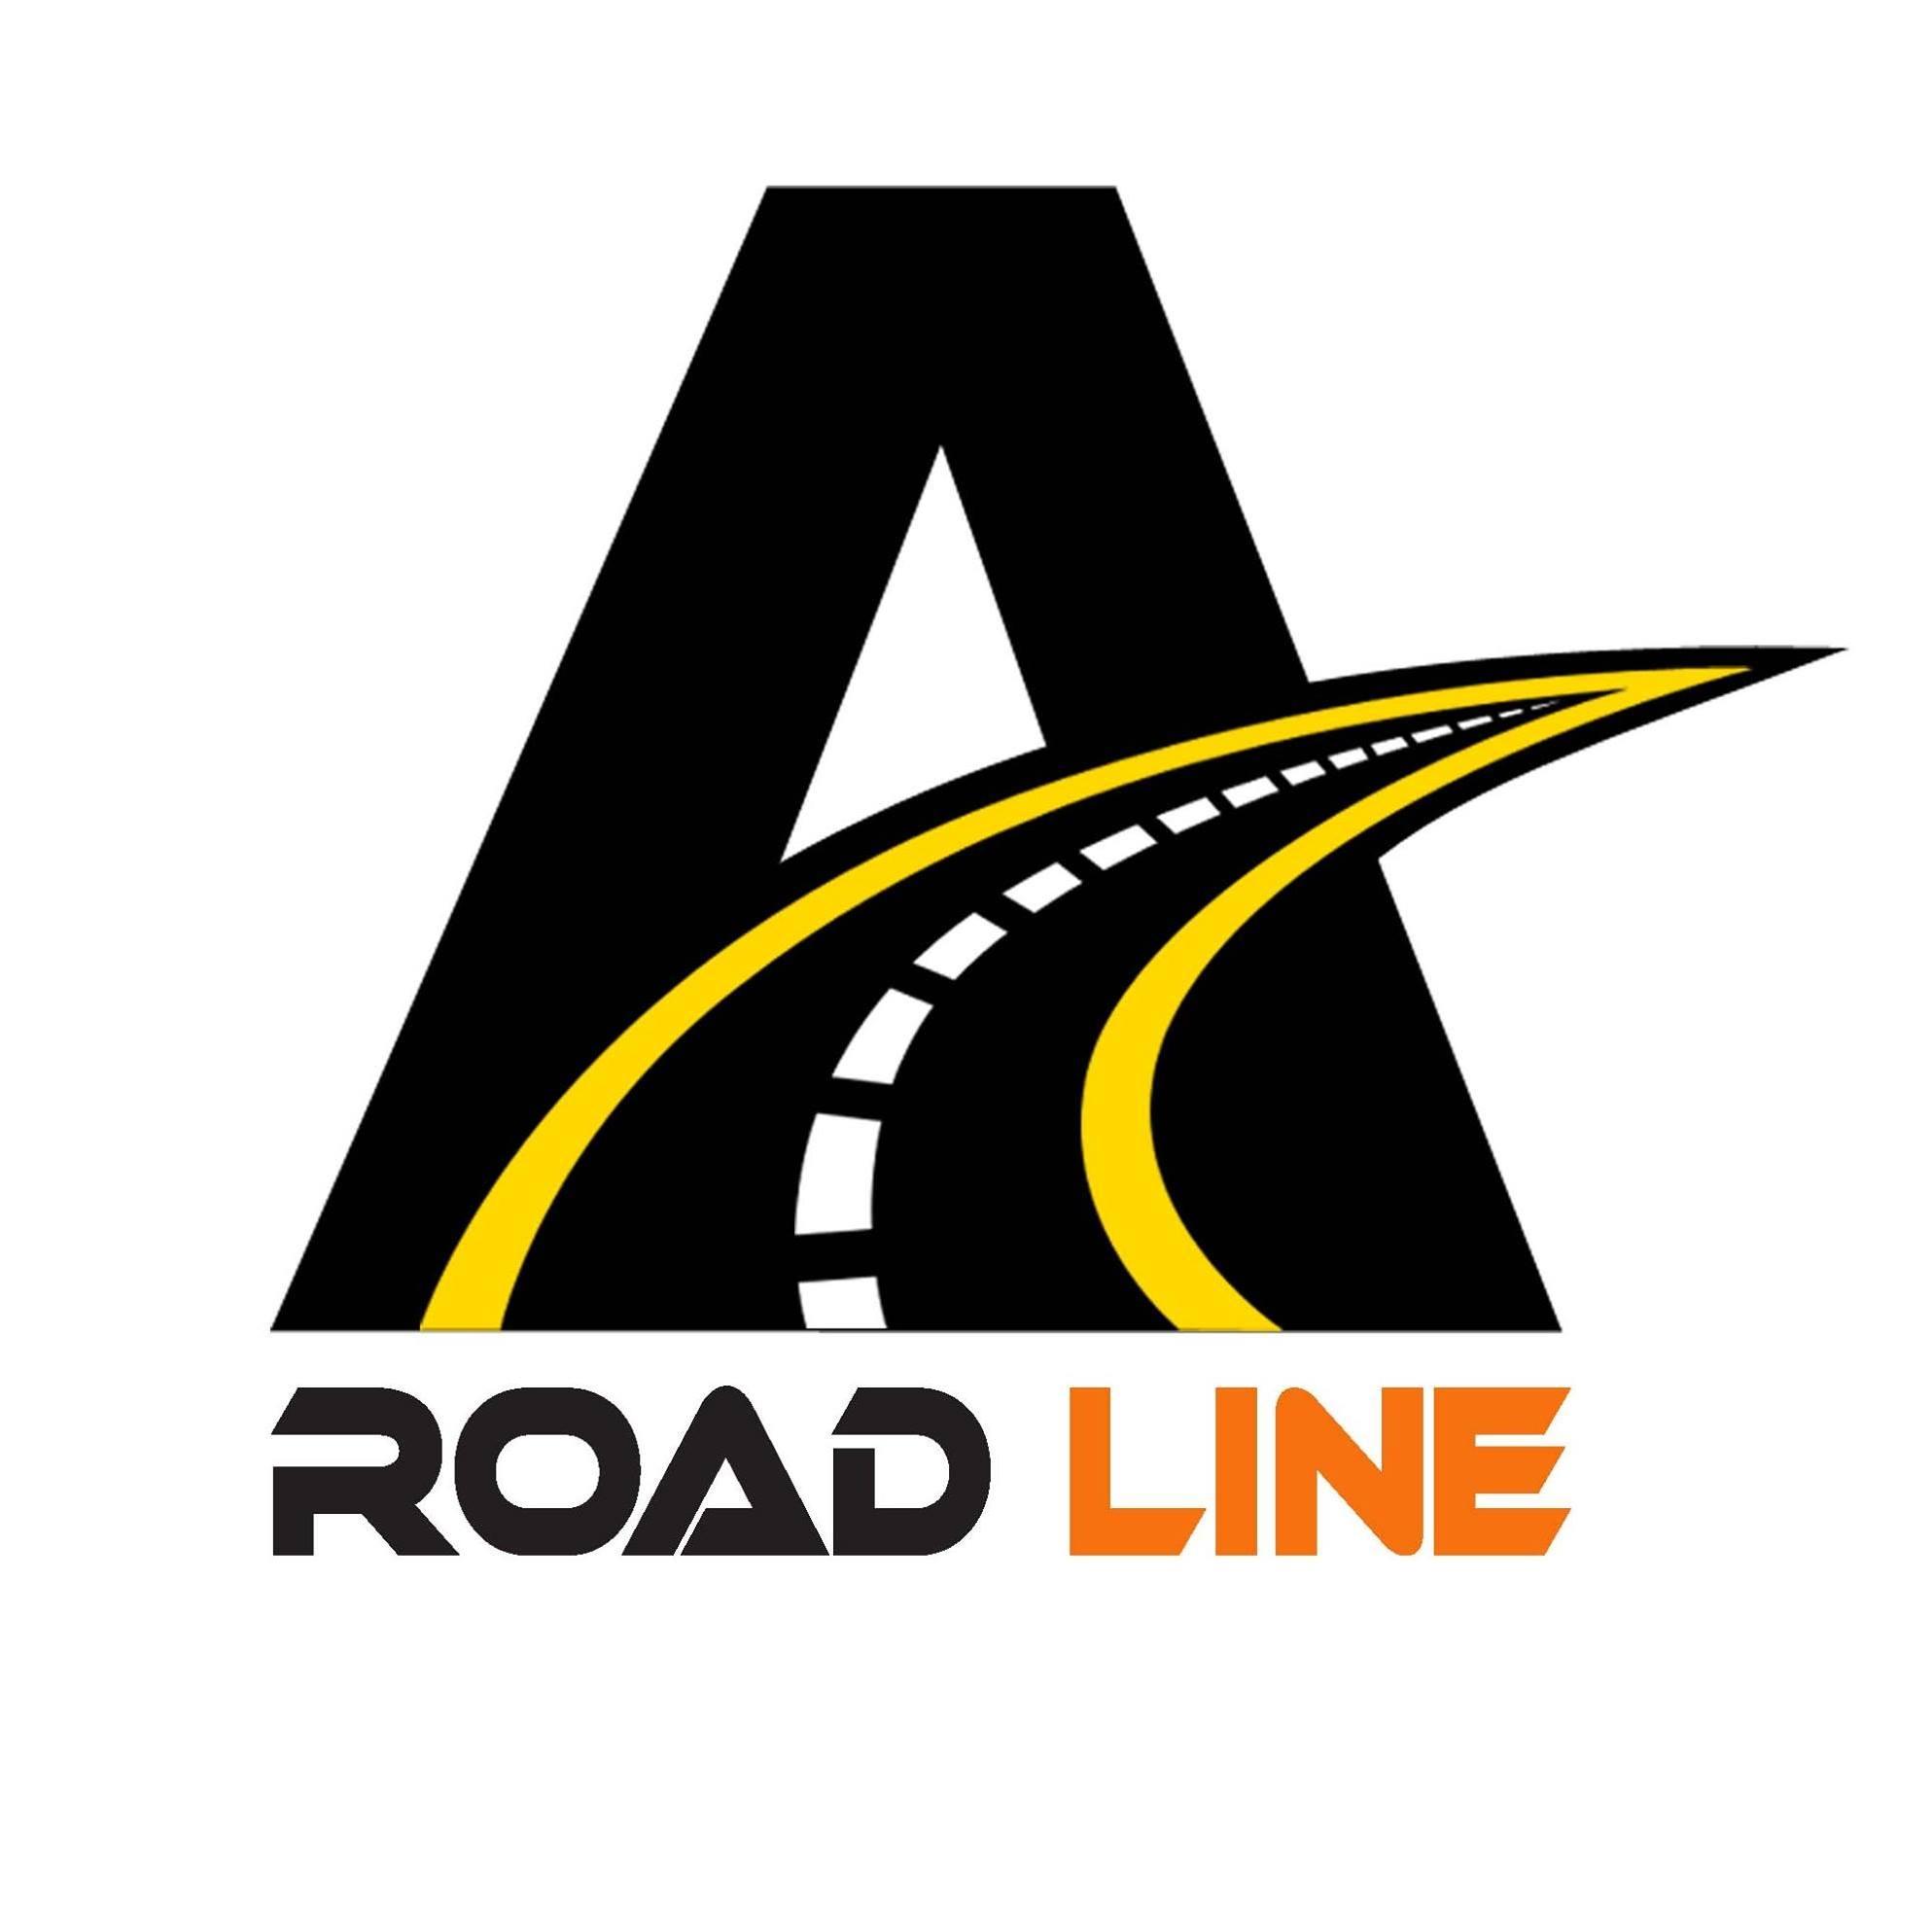 رود لاين Road Line